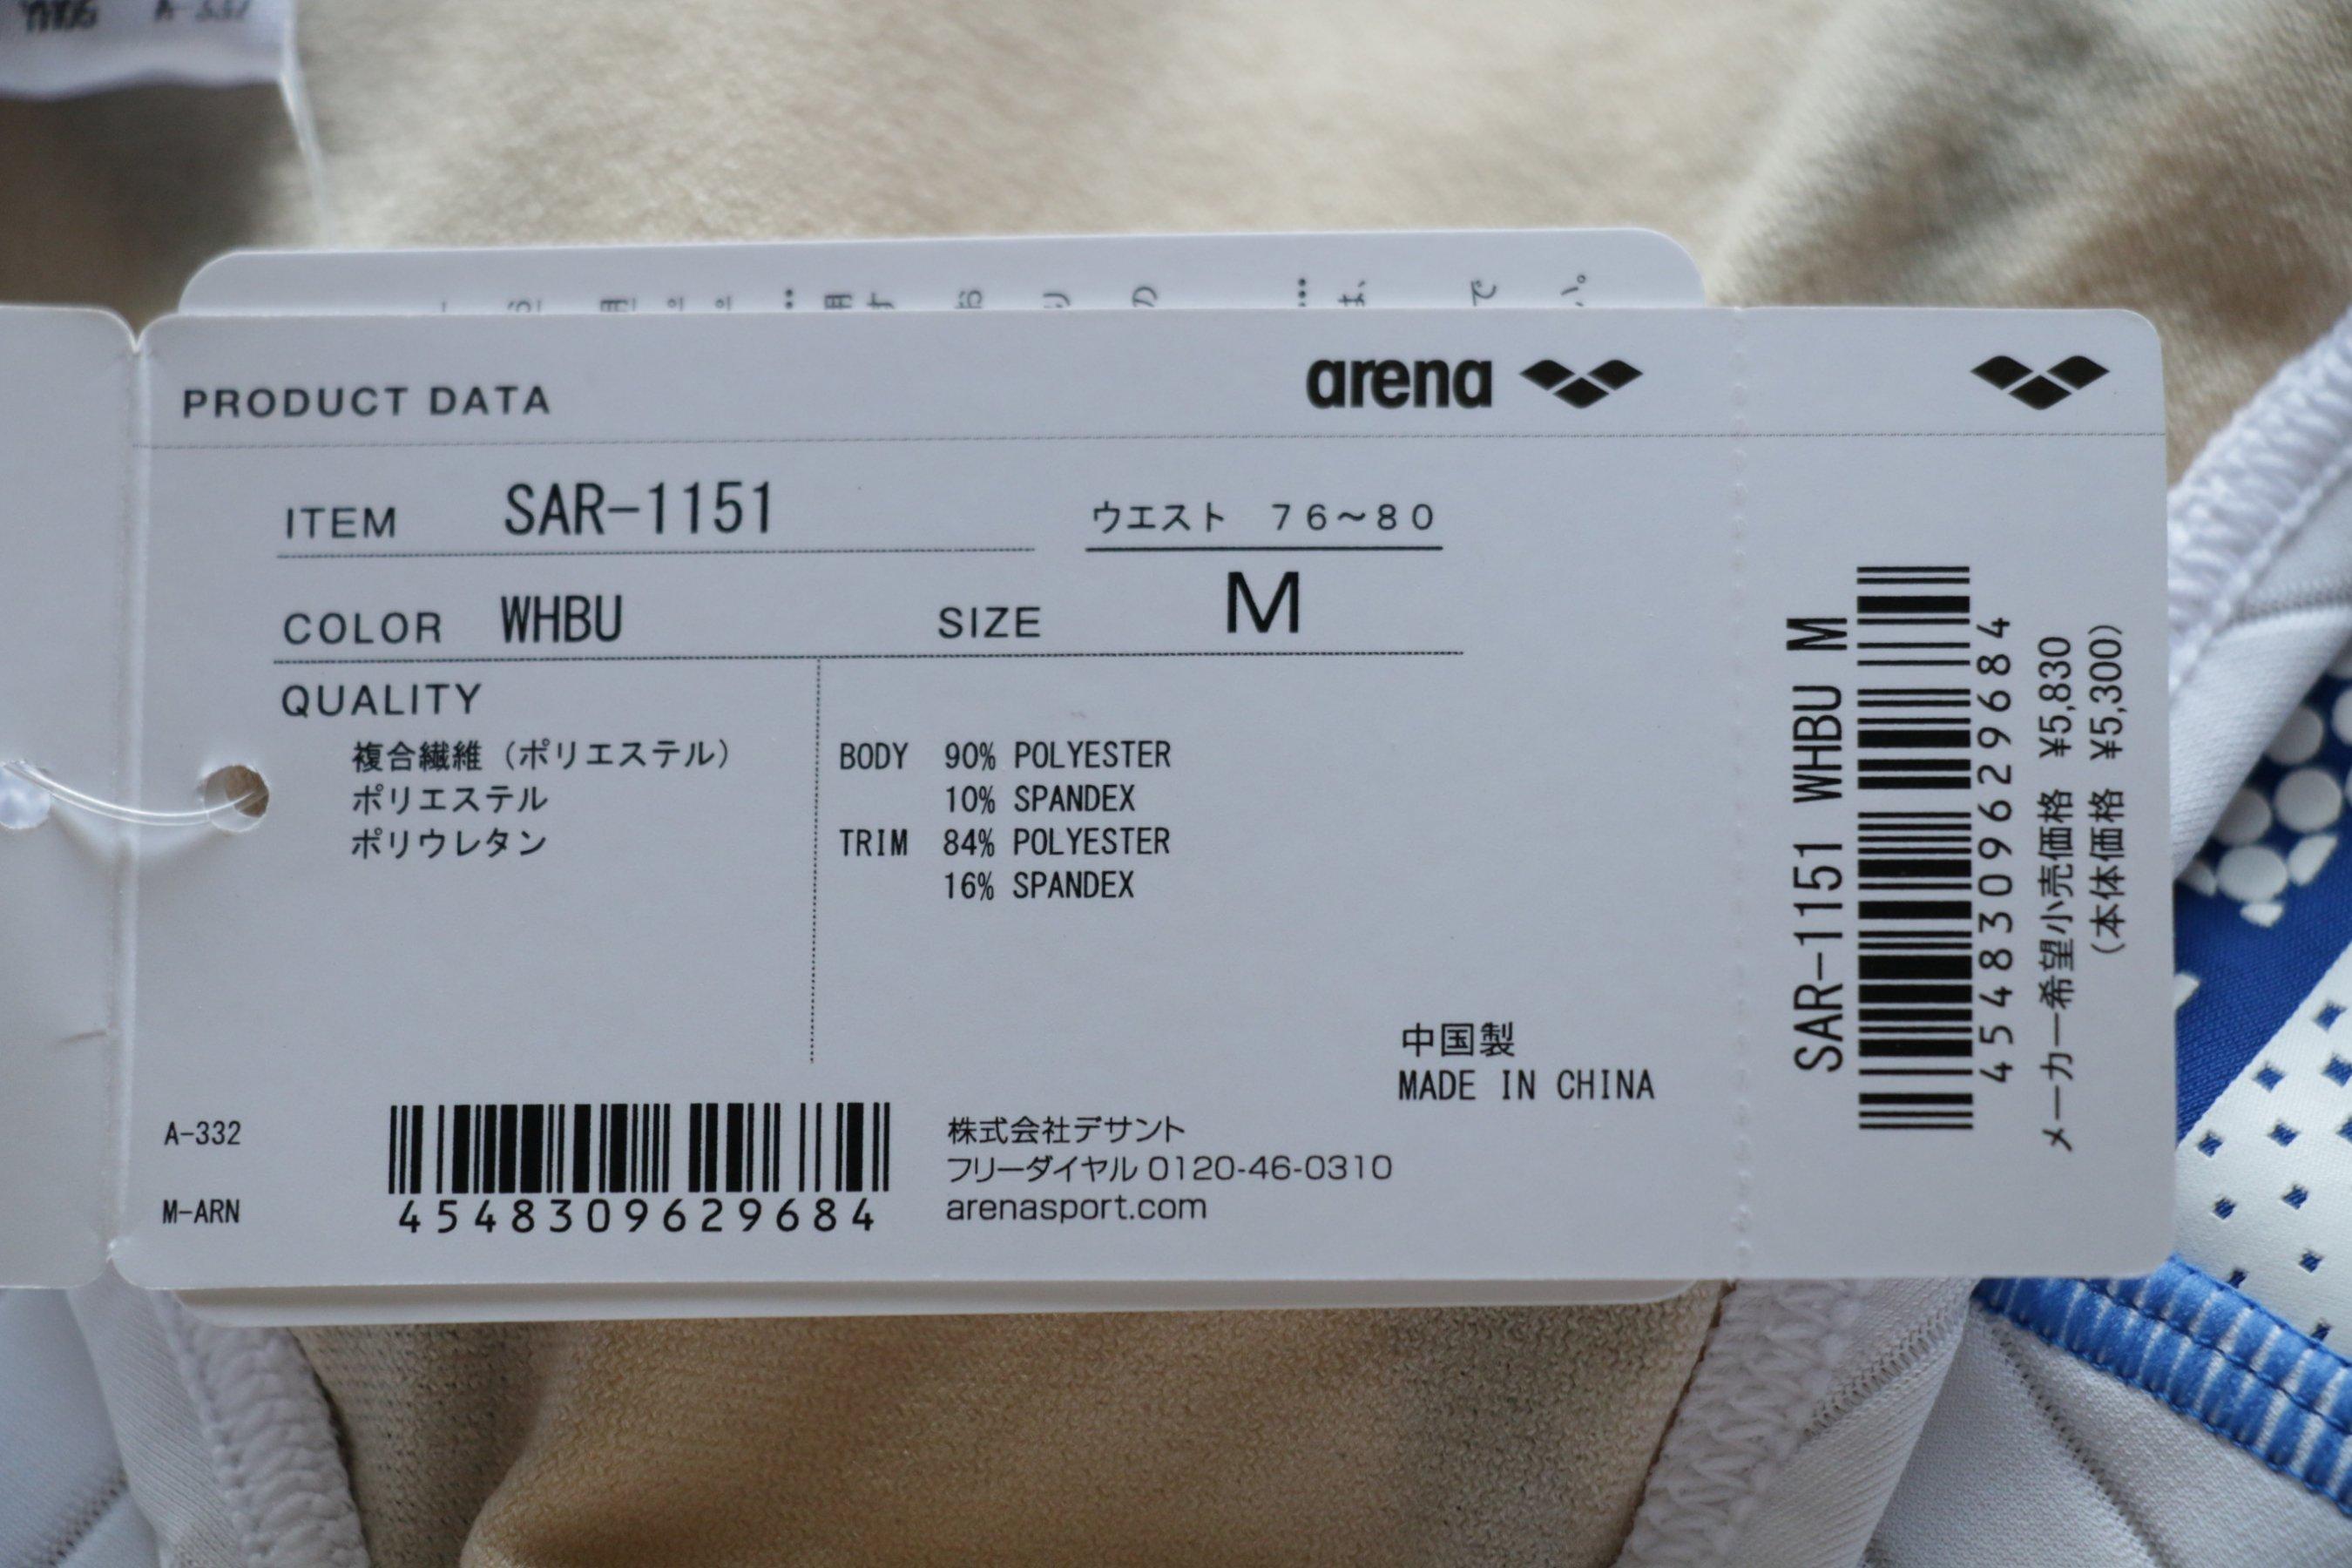 SAR-1151